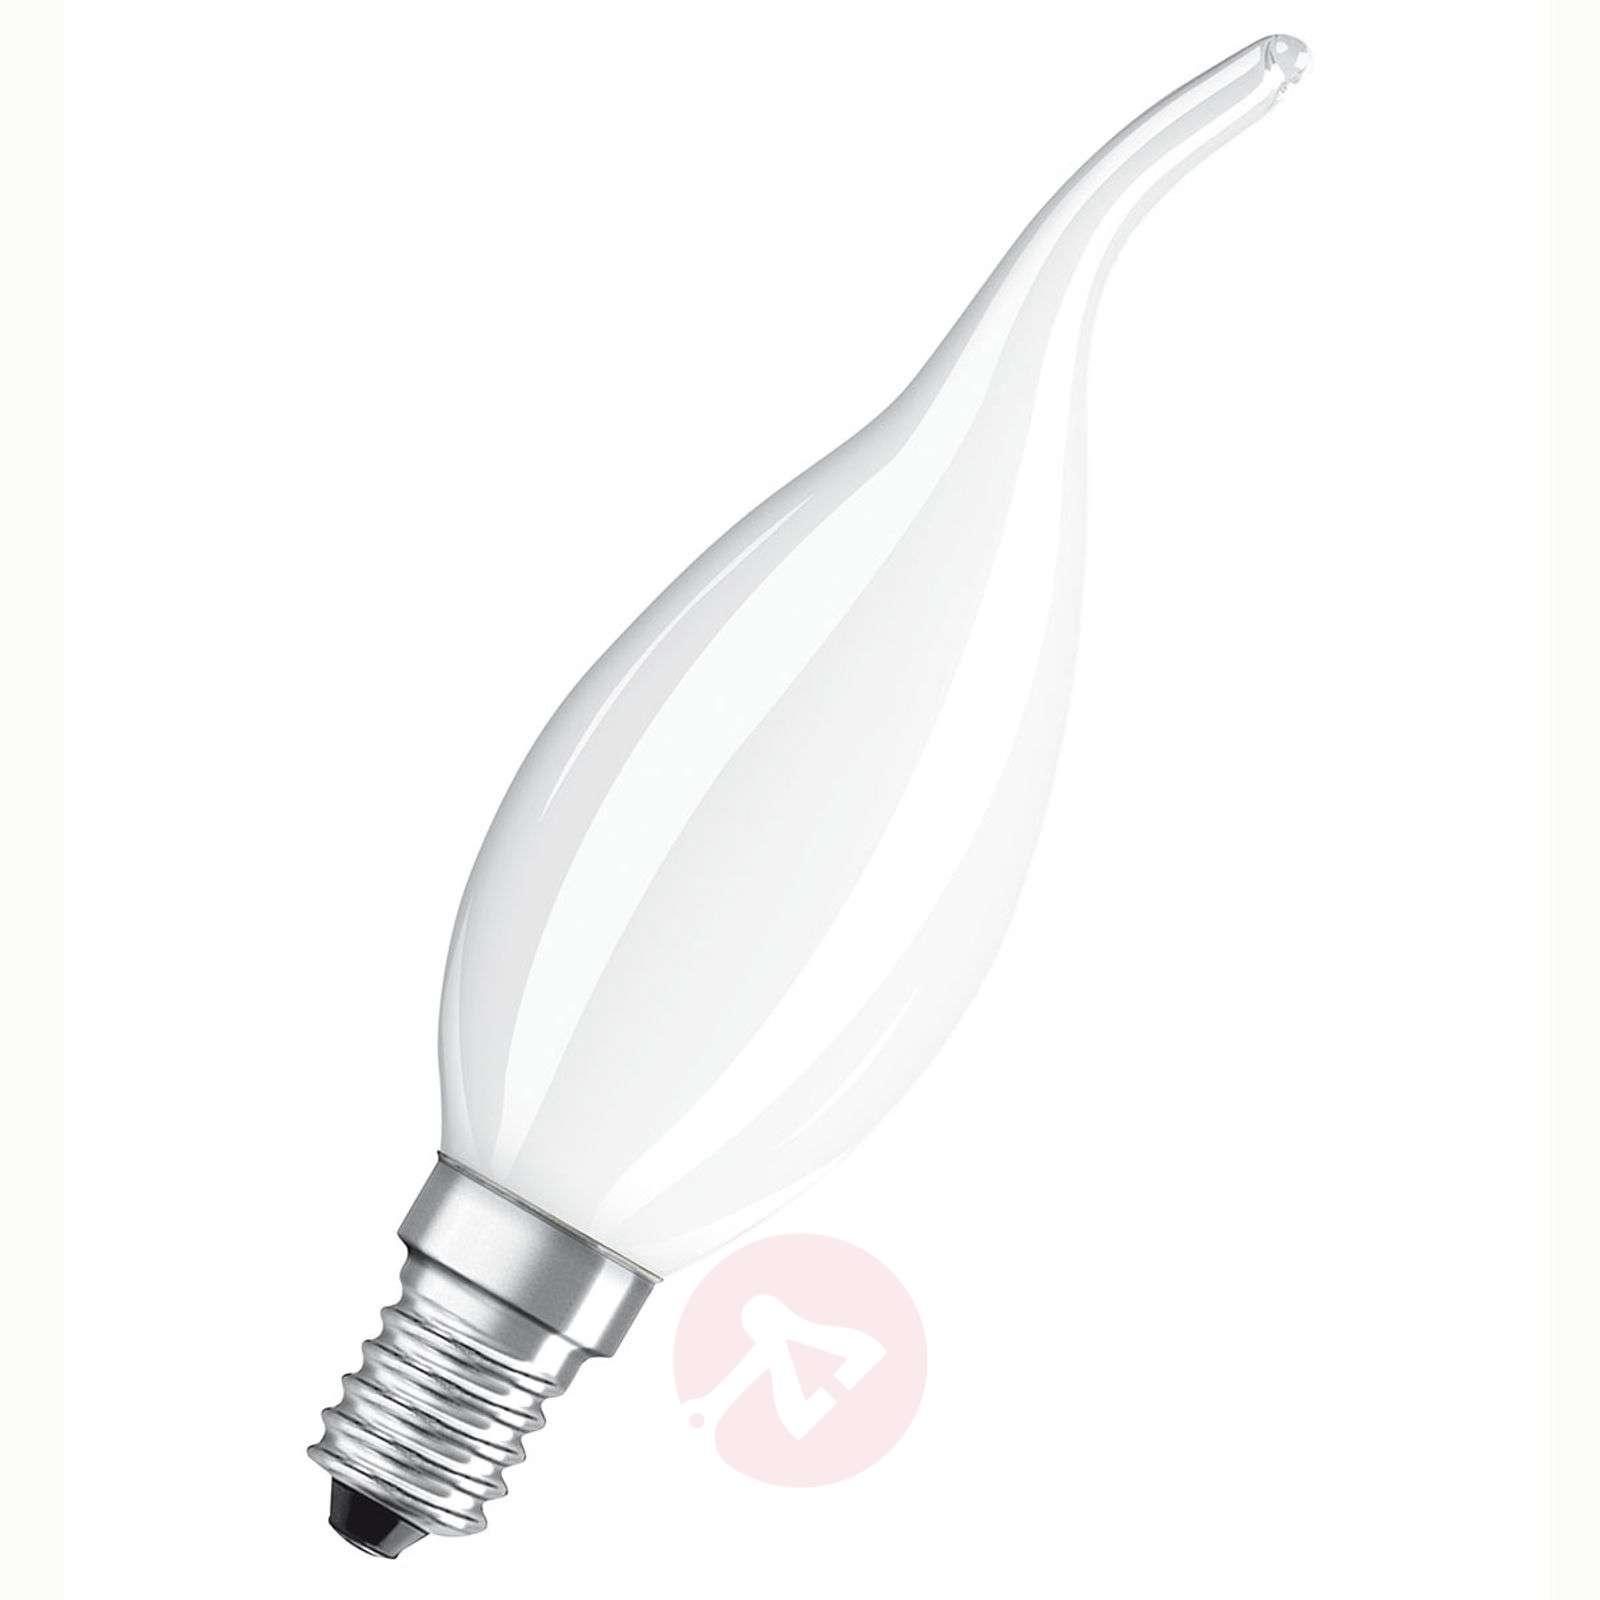 Kaartuva LED-kynttilälamppu E14 5W, lämmin valk.-7262018-04